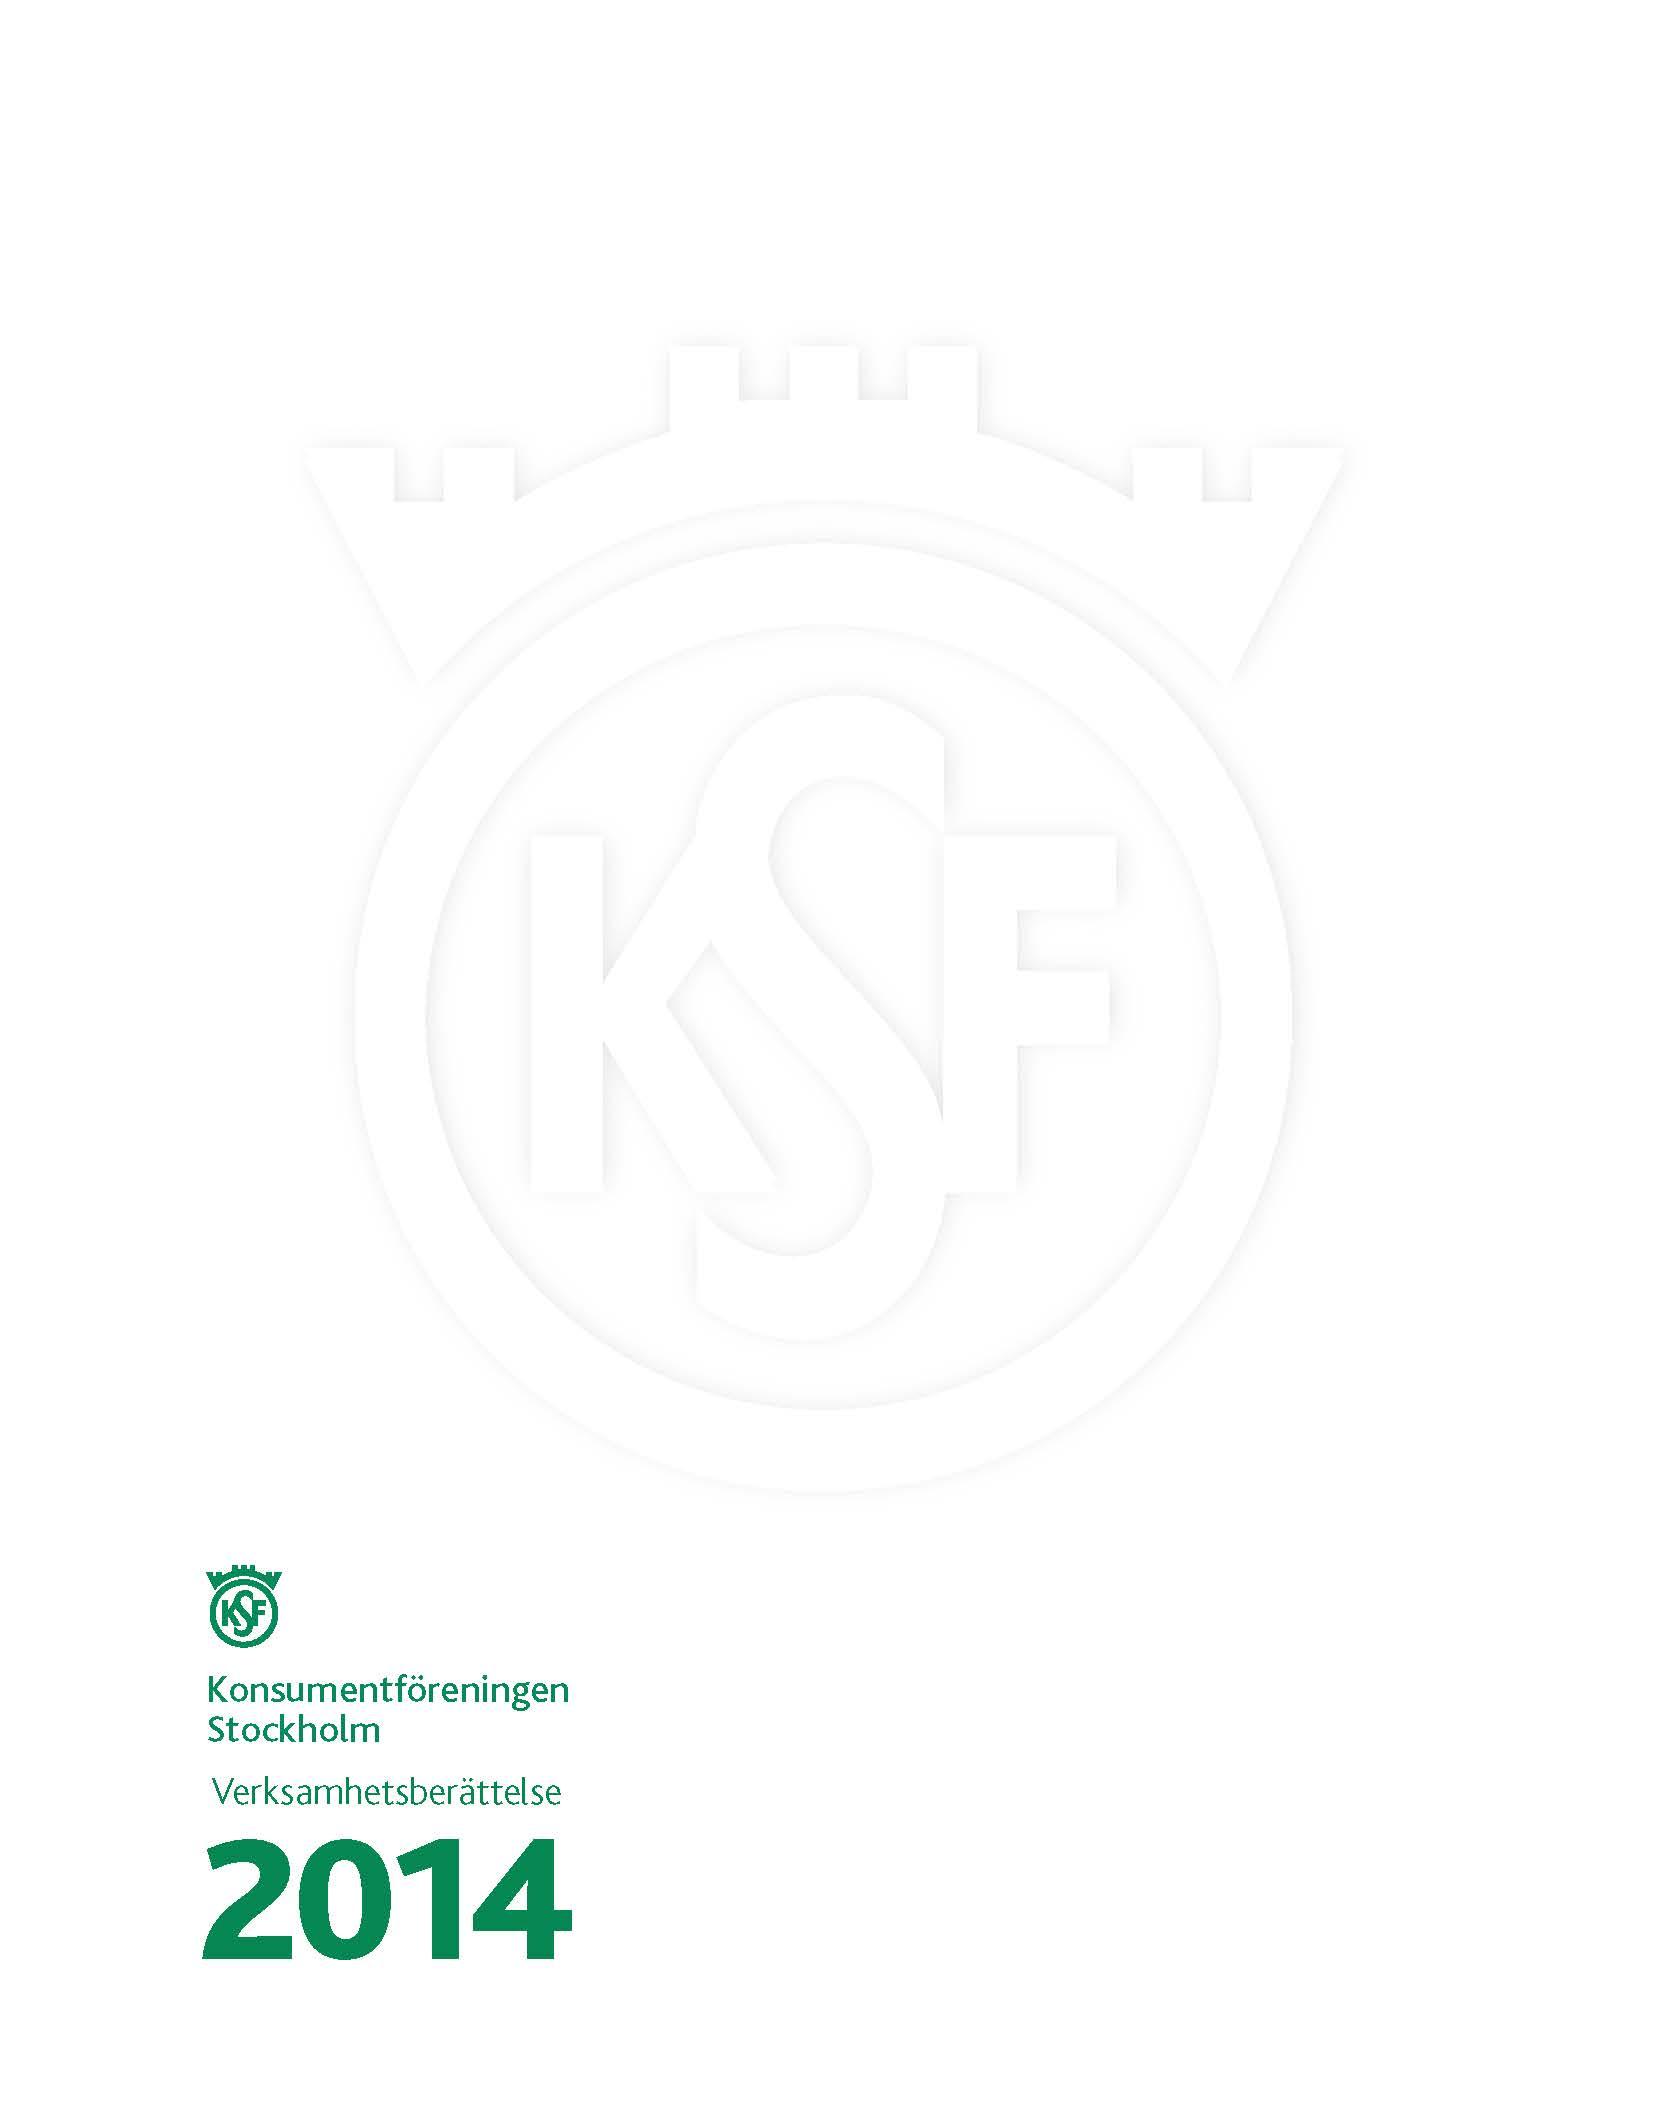 KfS 2014